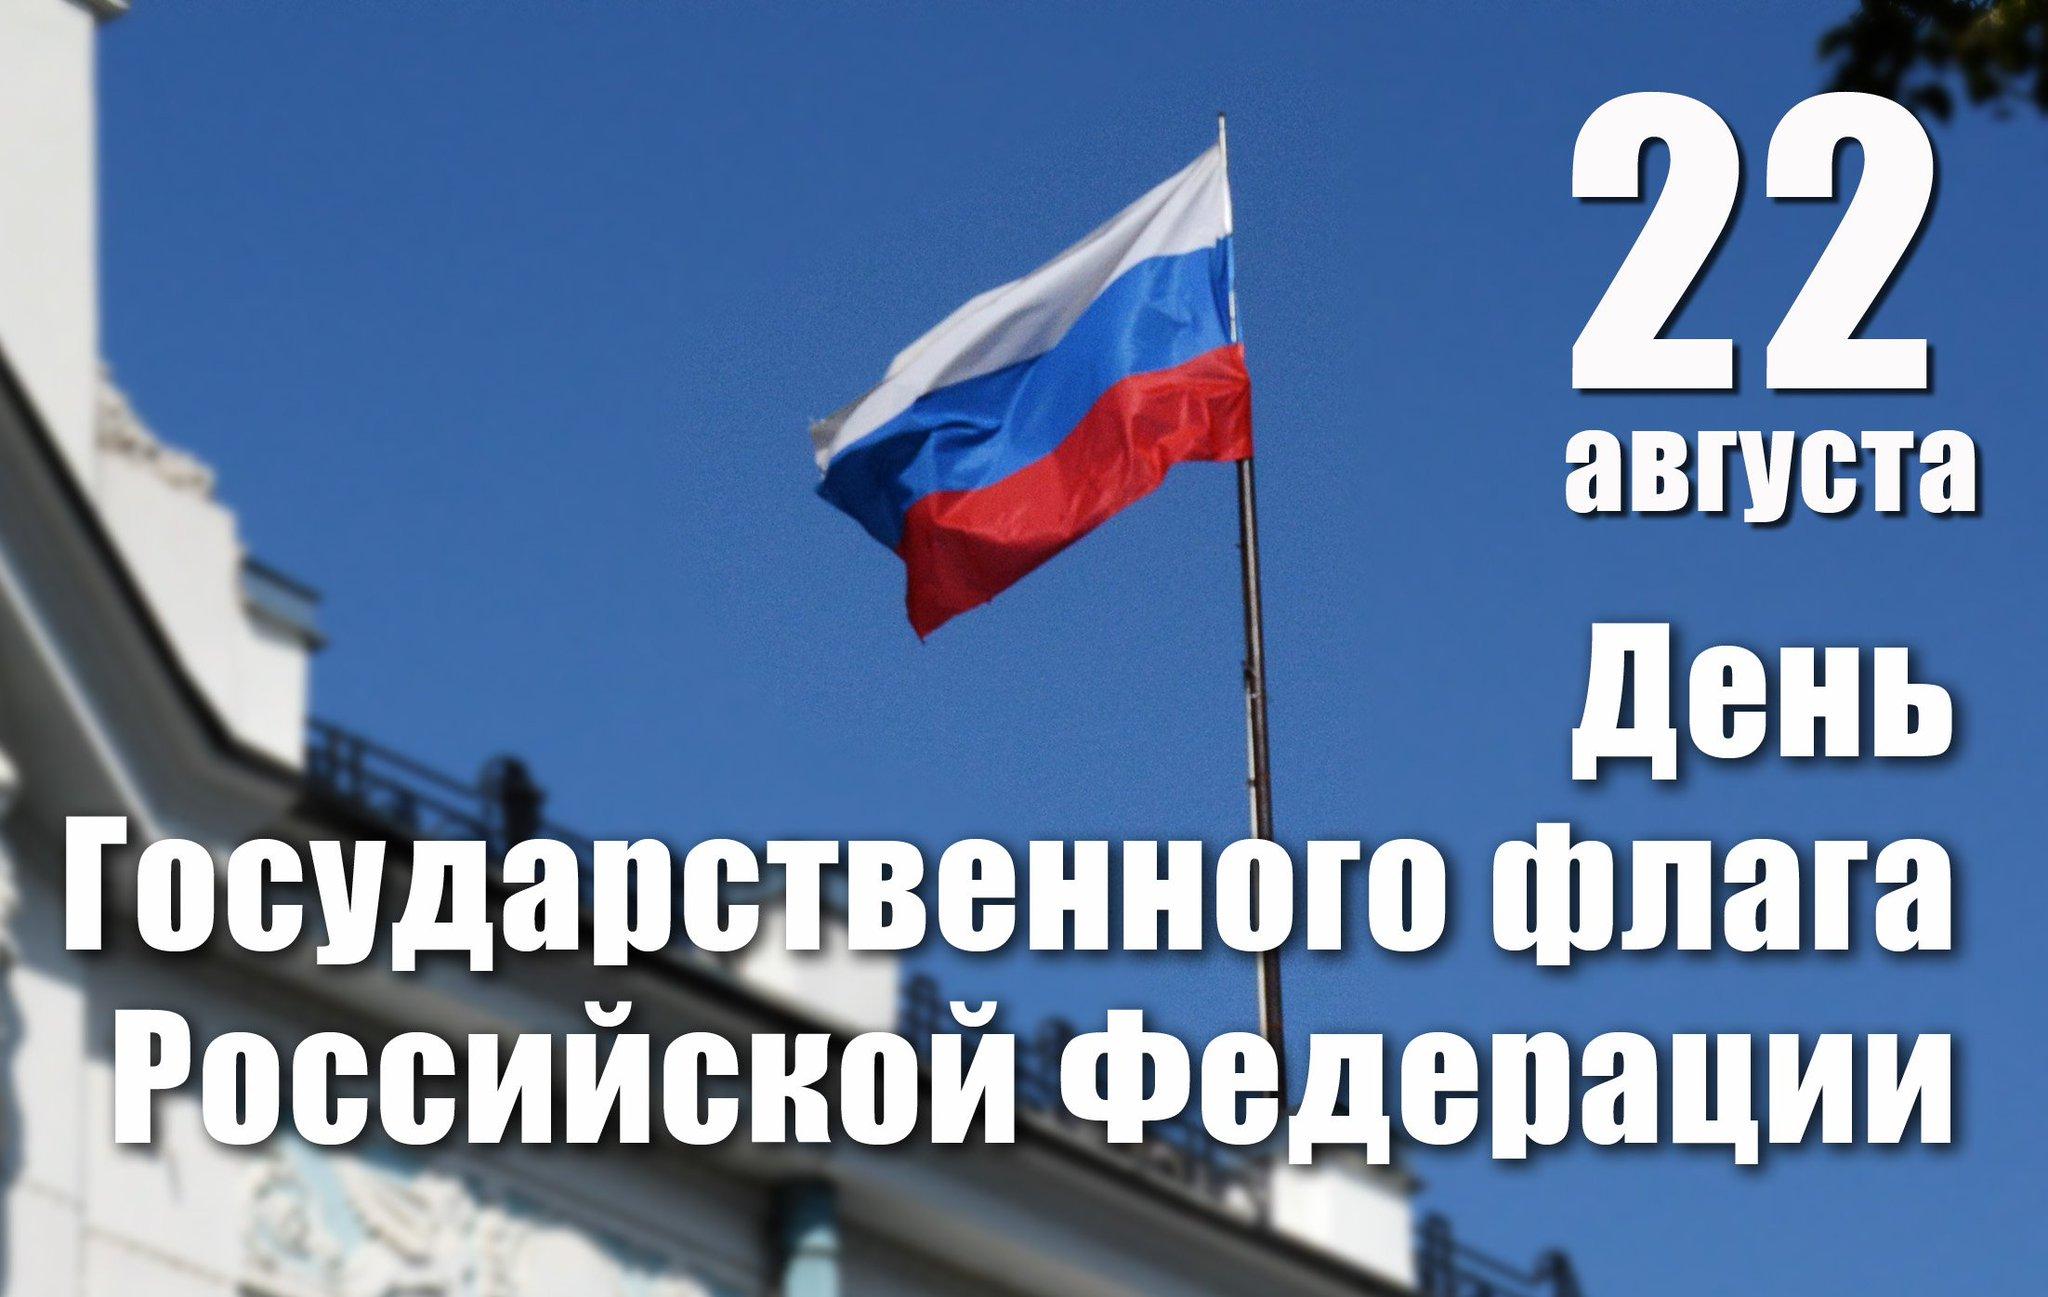 говорящая стена поздравлений с праздником флаг россии рекомендую, скажу что